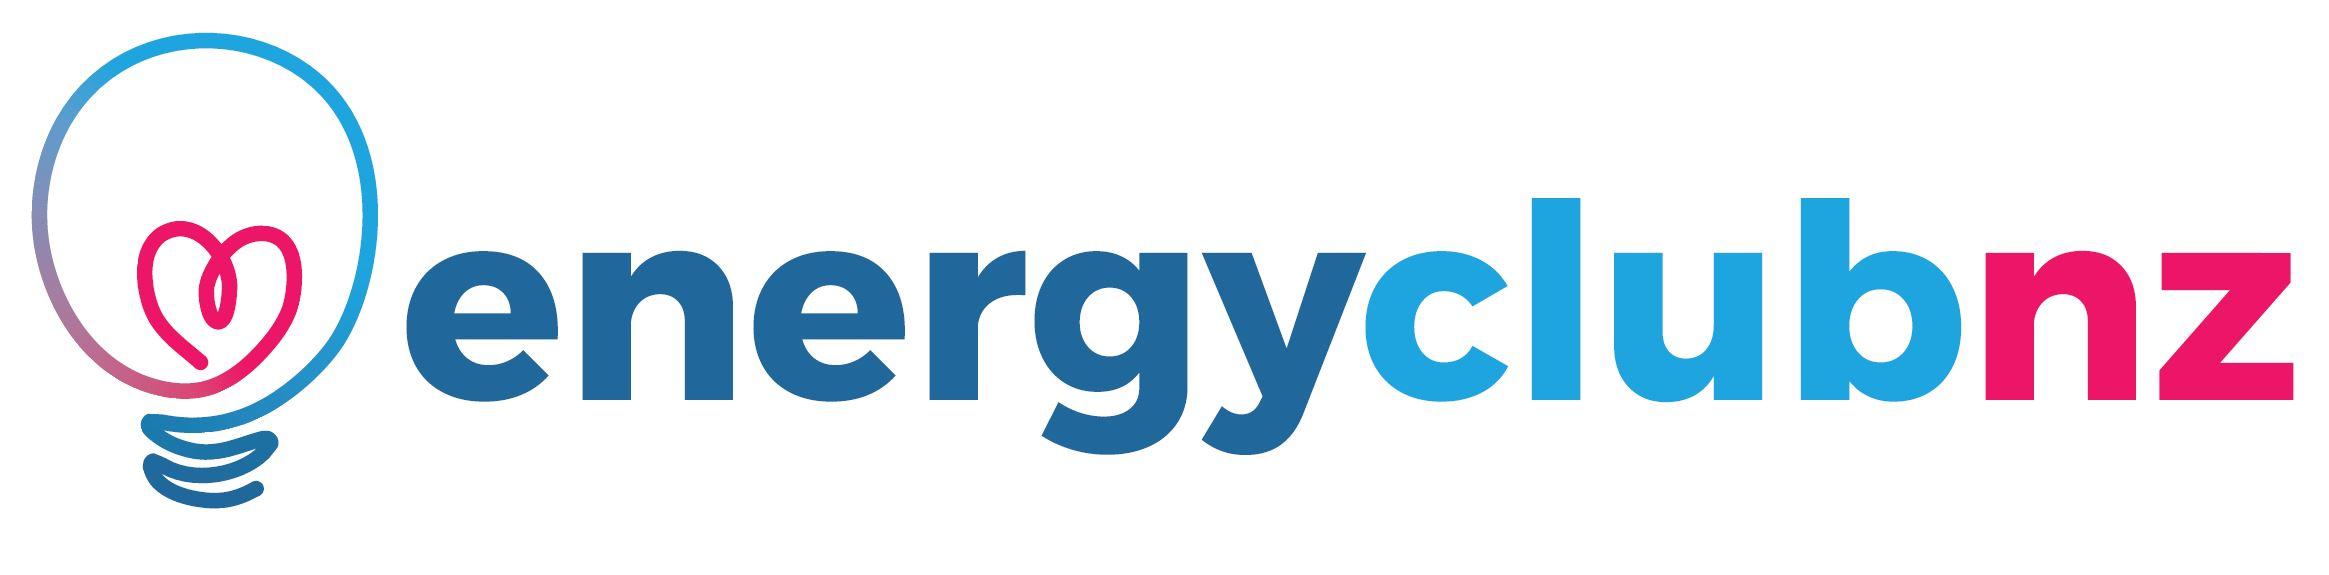 energyclubnz_logo.JPG